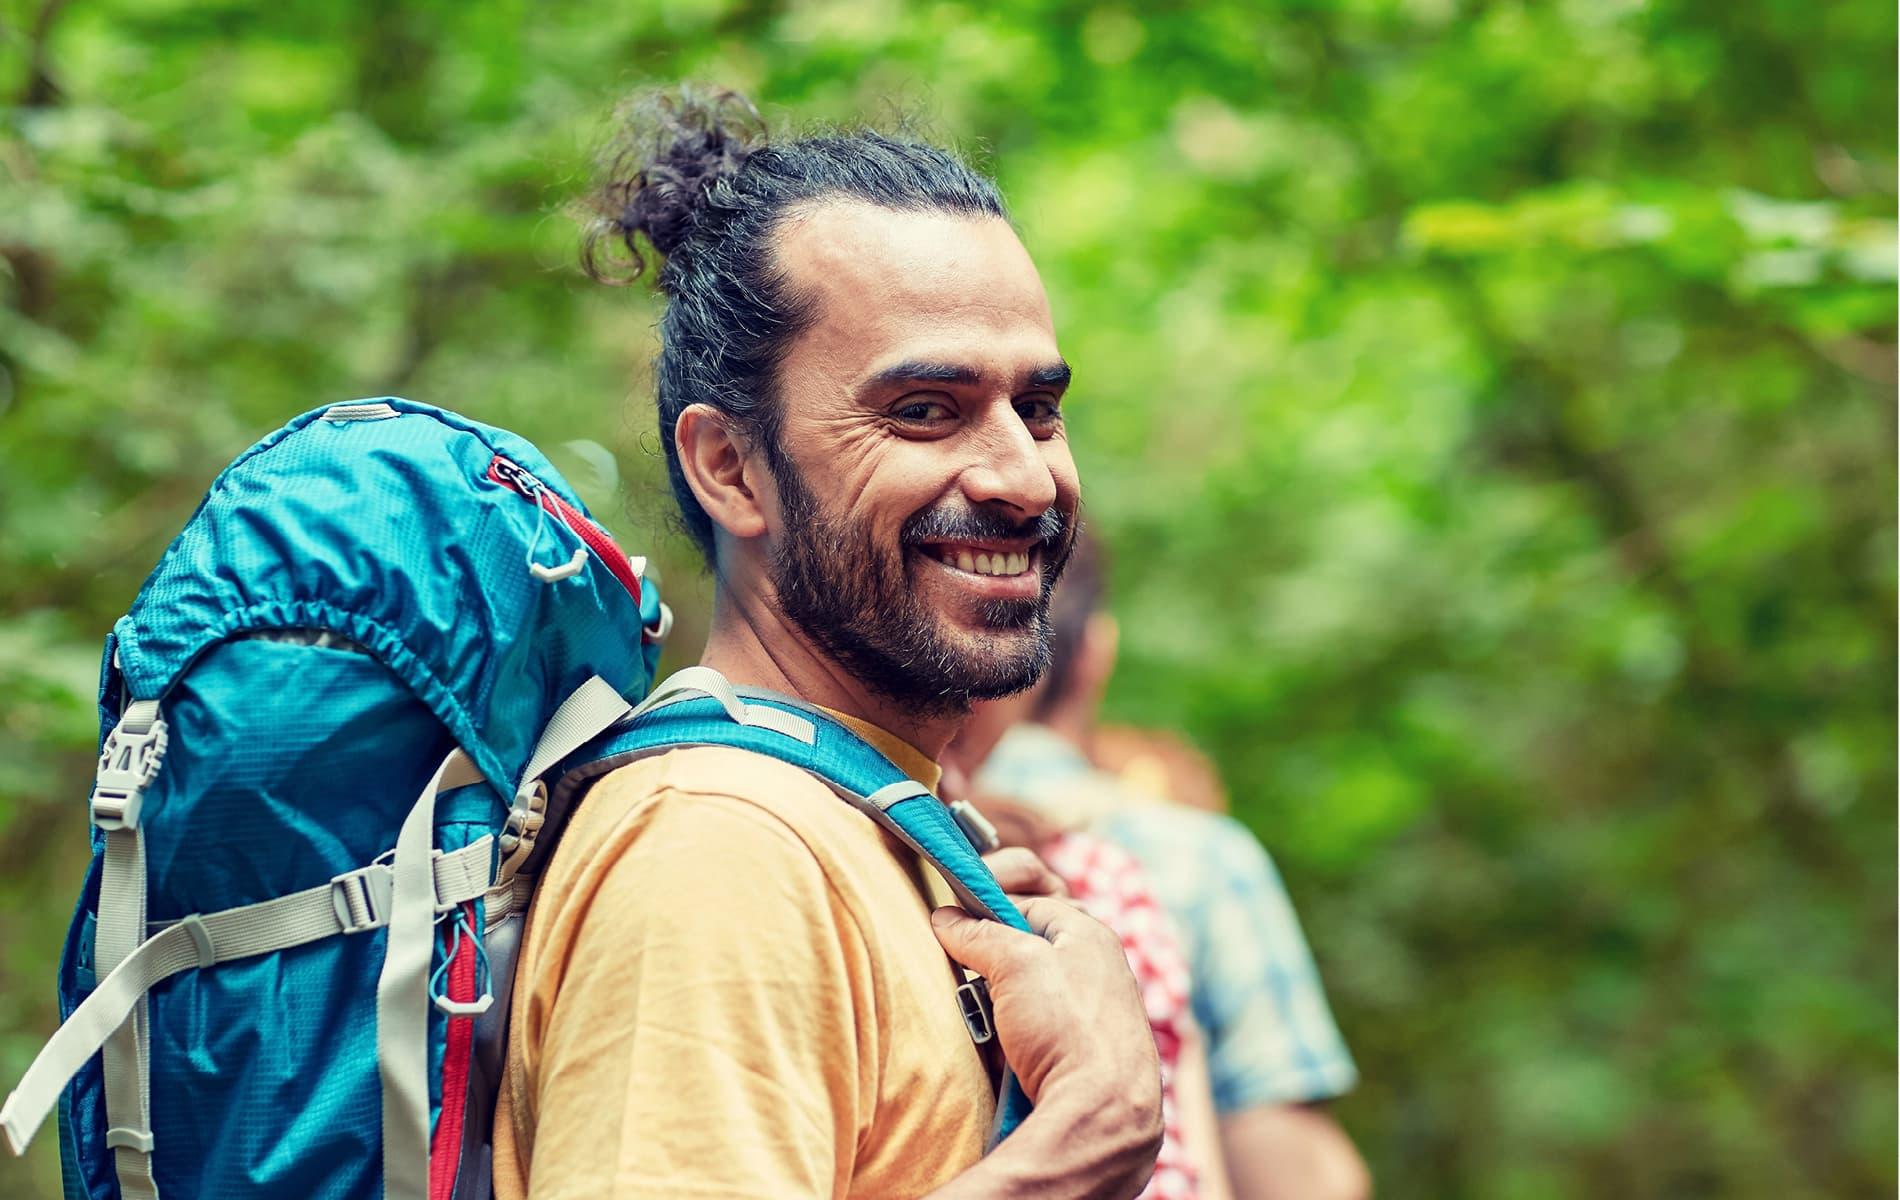 Mann wandert mit Rucksack ohne Handy